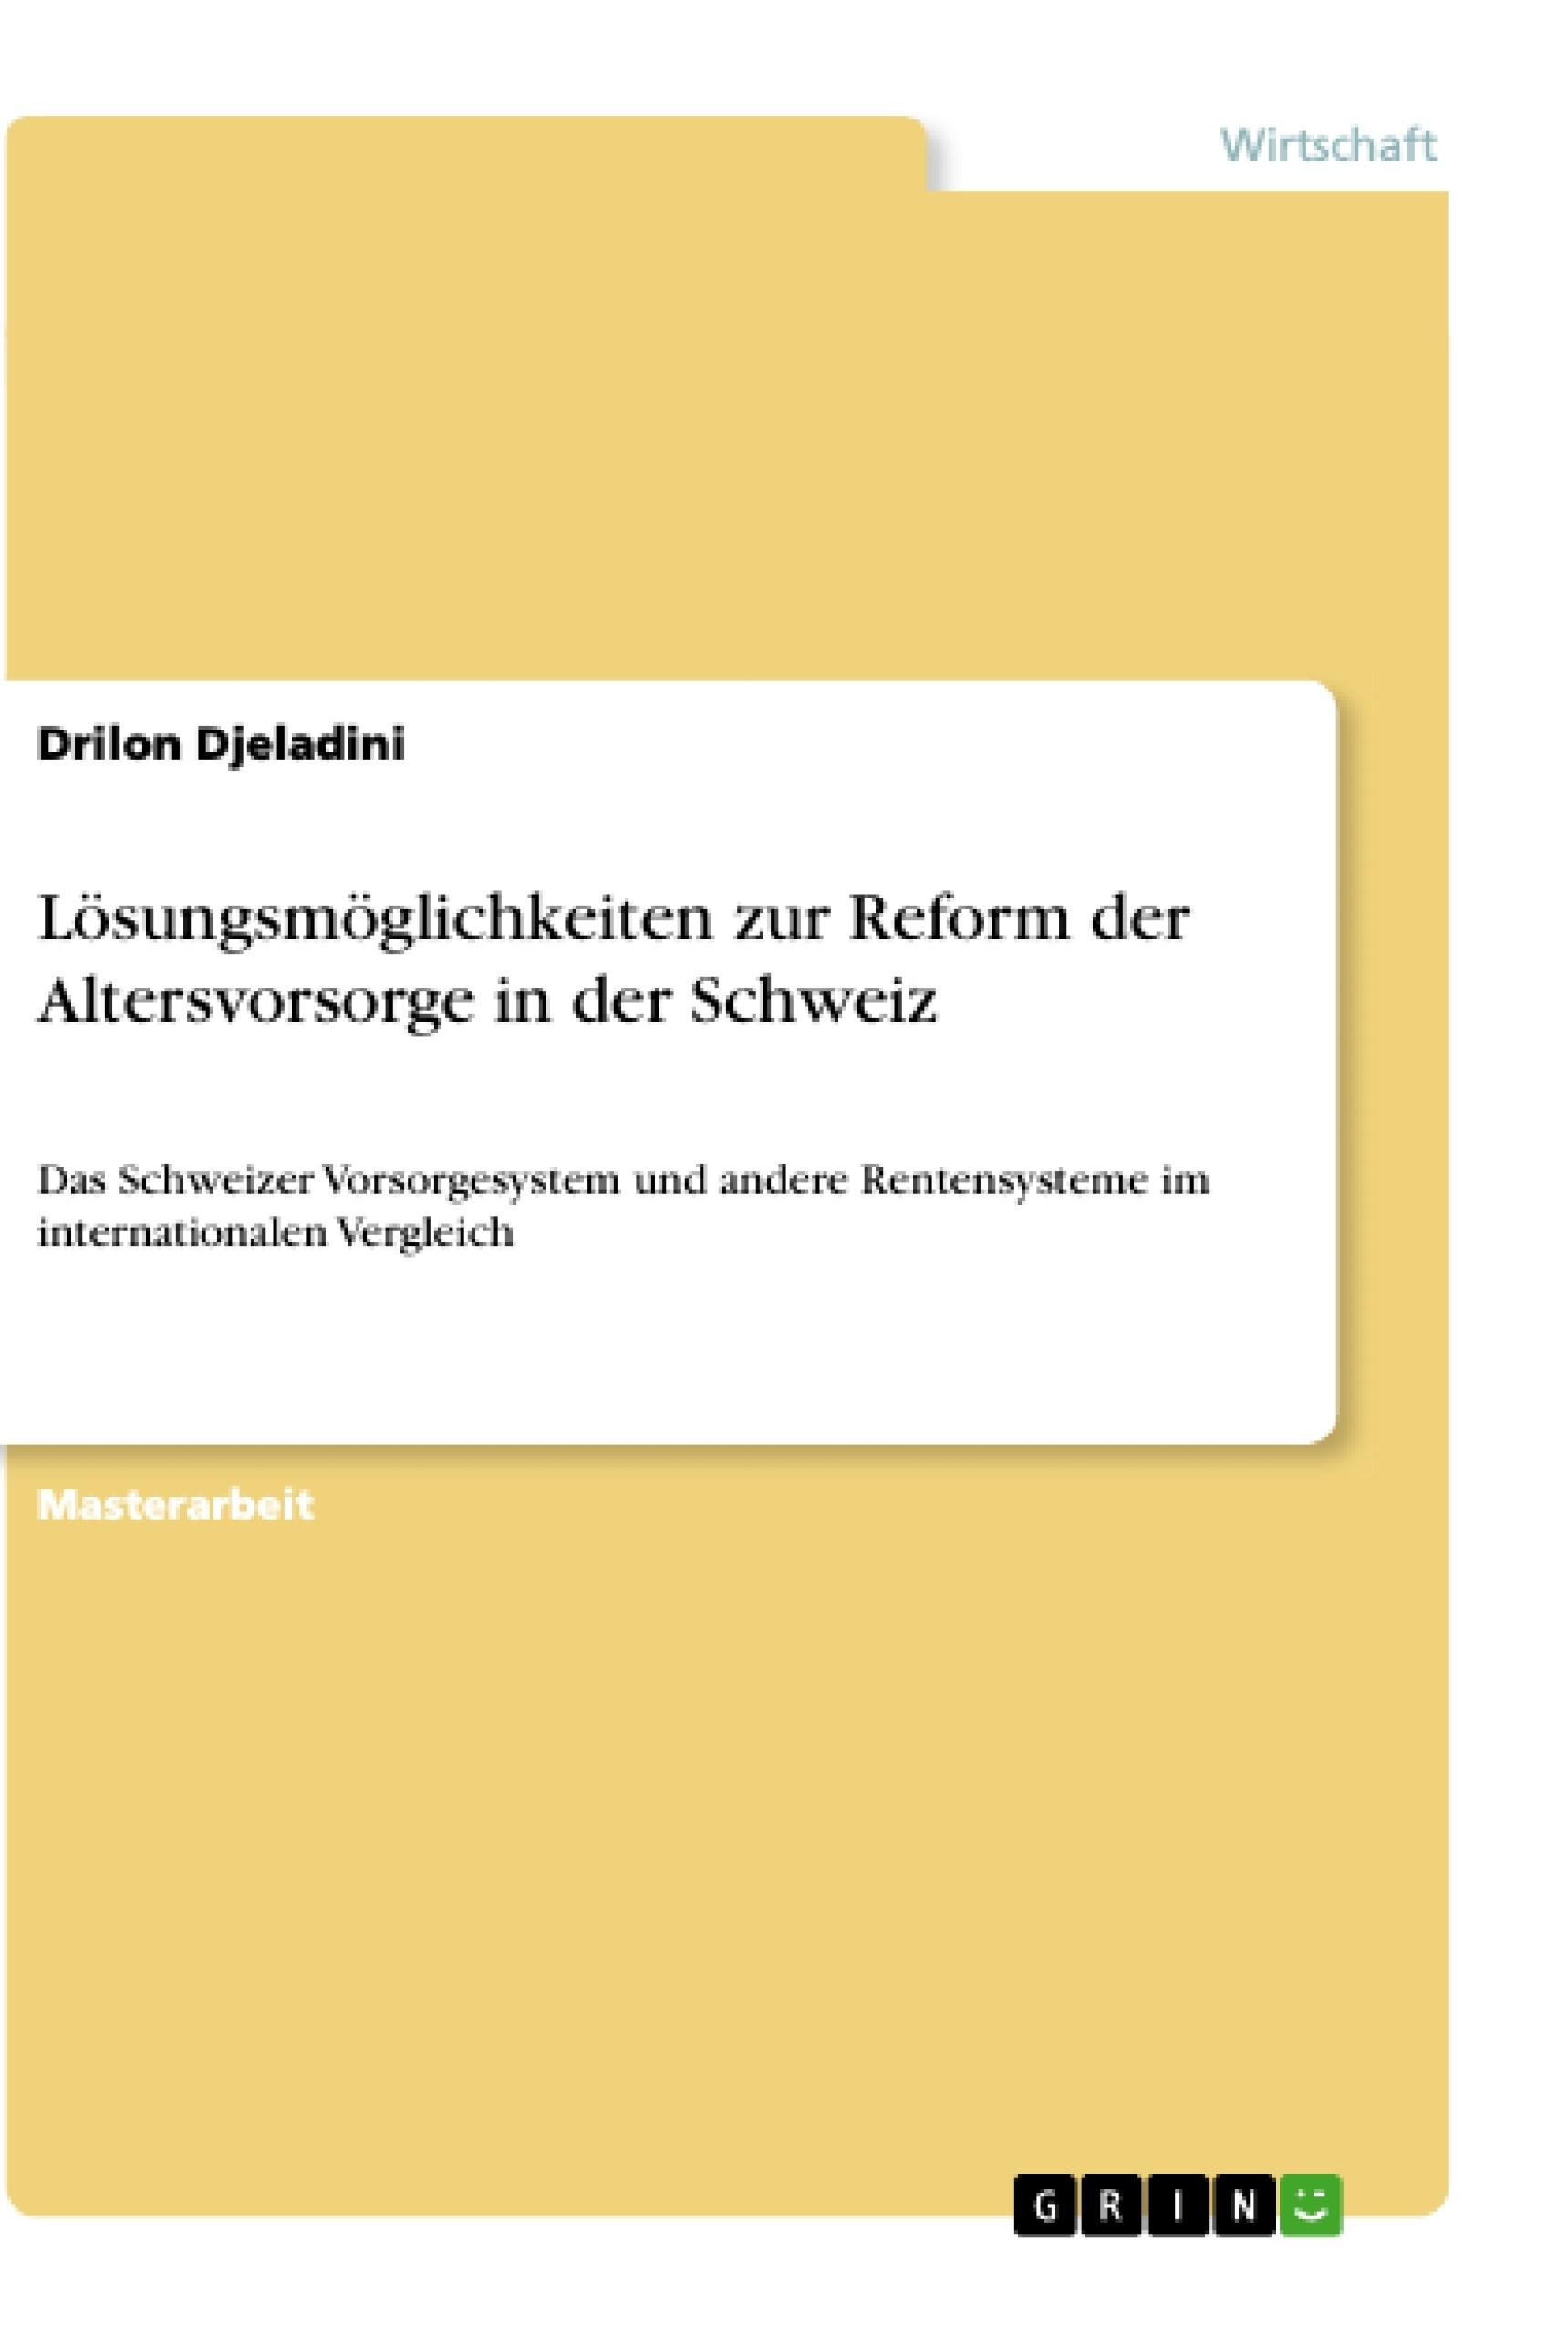 Titel: Lösungsmöglichkeiten zur Reform der Altersvorsorge in der Schweiz